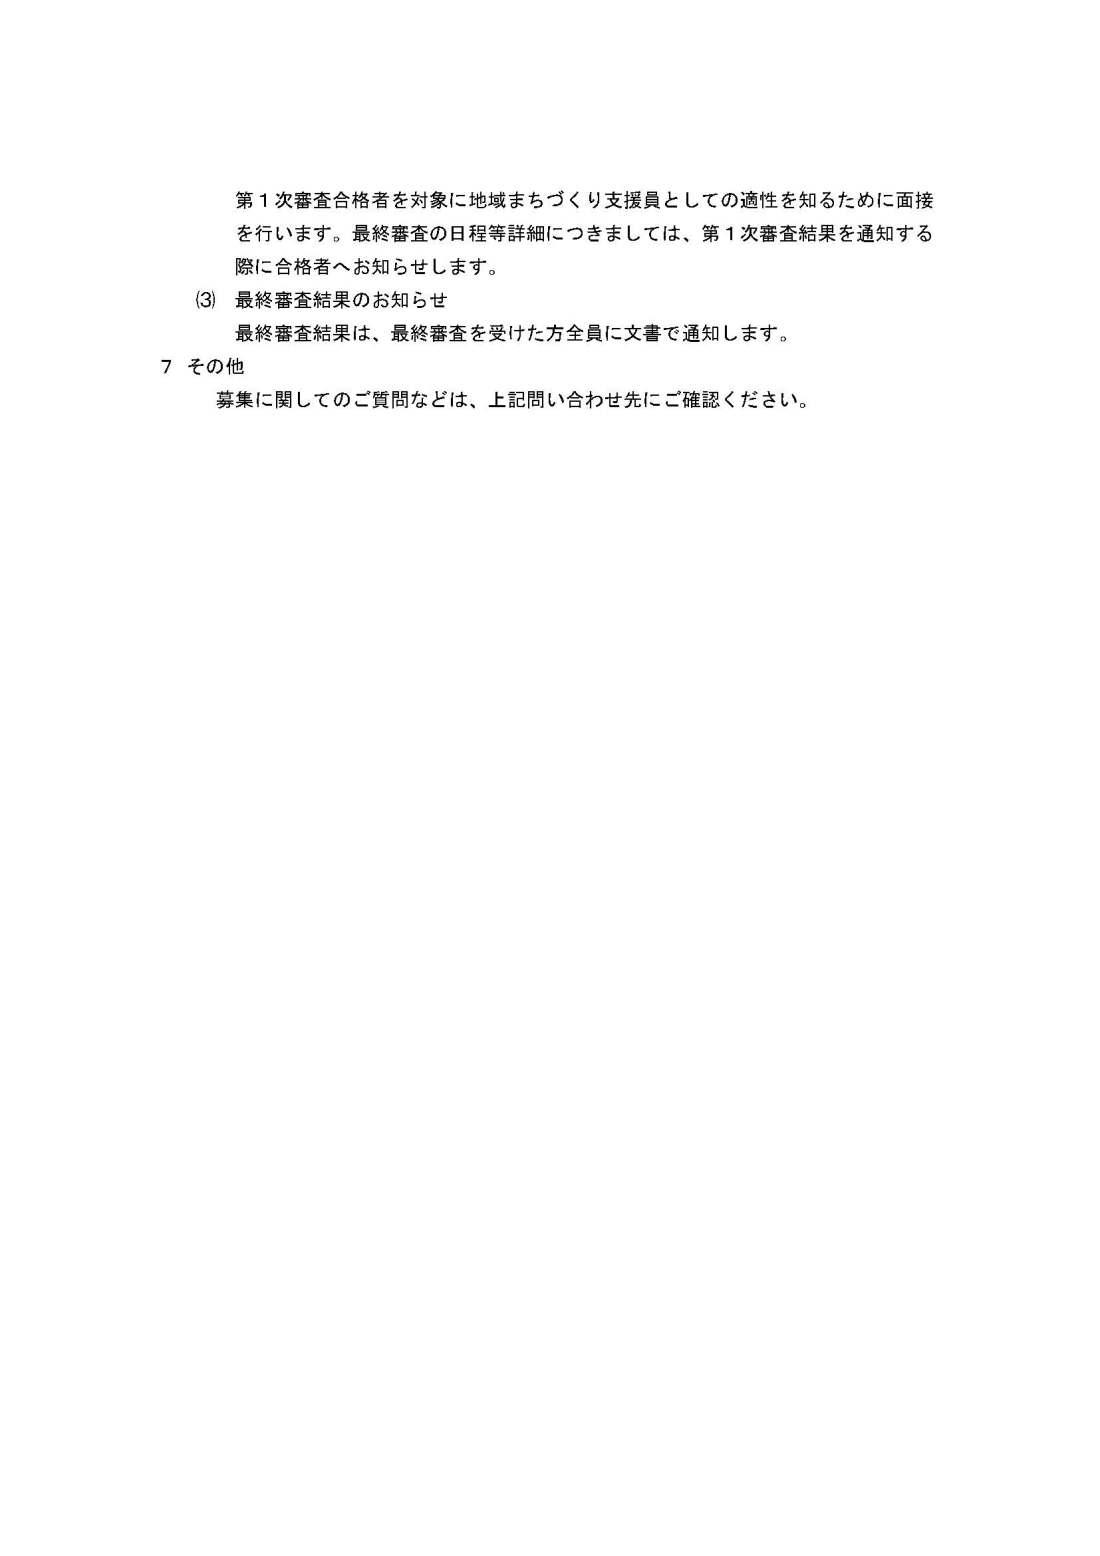 15324(まちづくり支援員募集要項_ページ_3